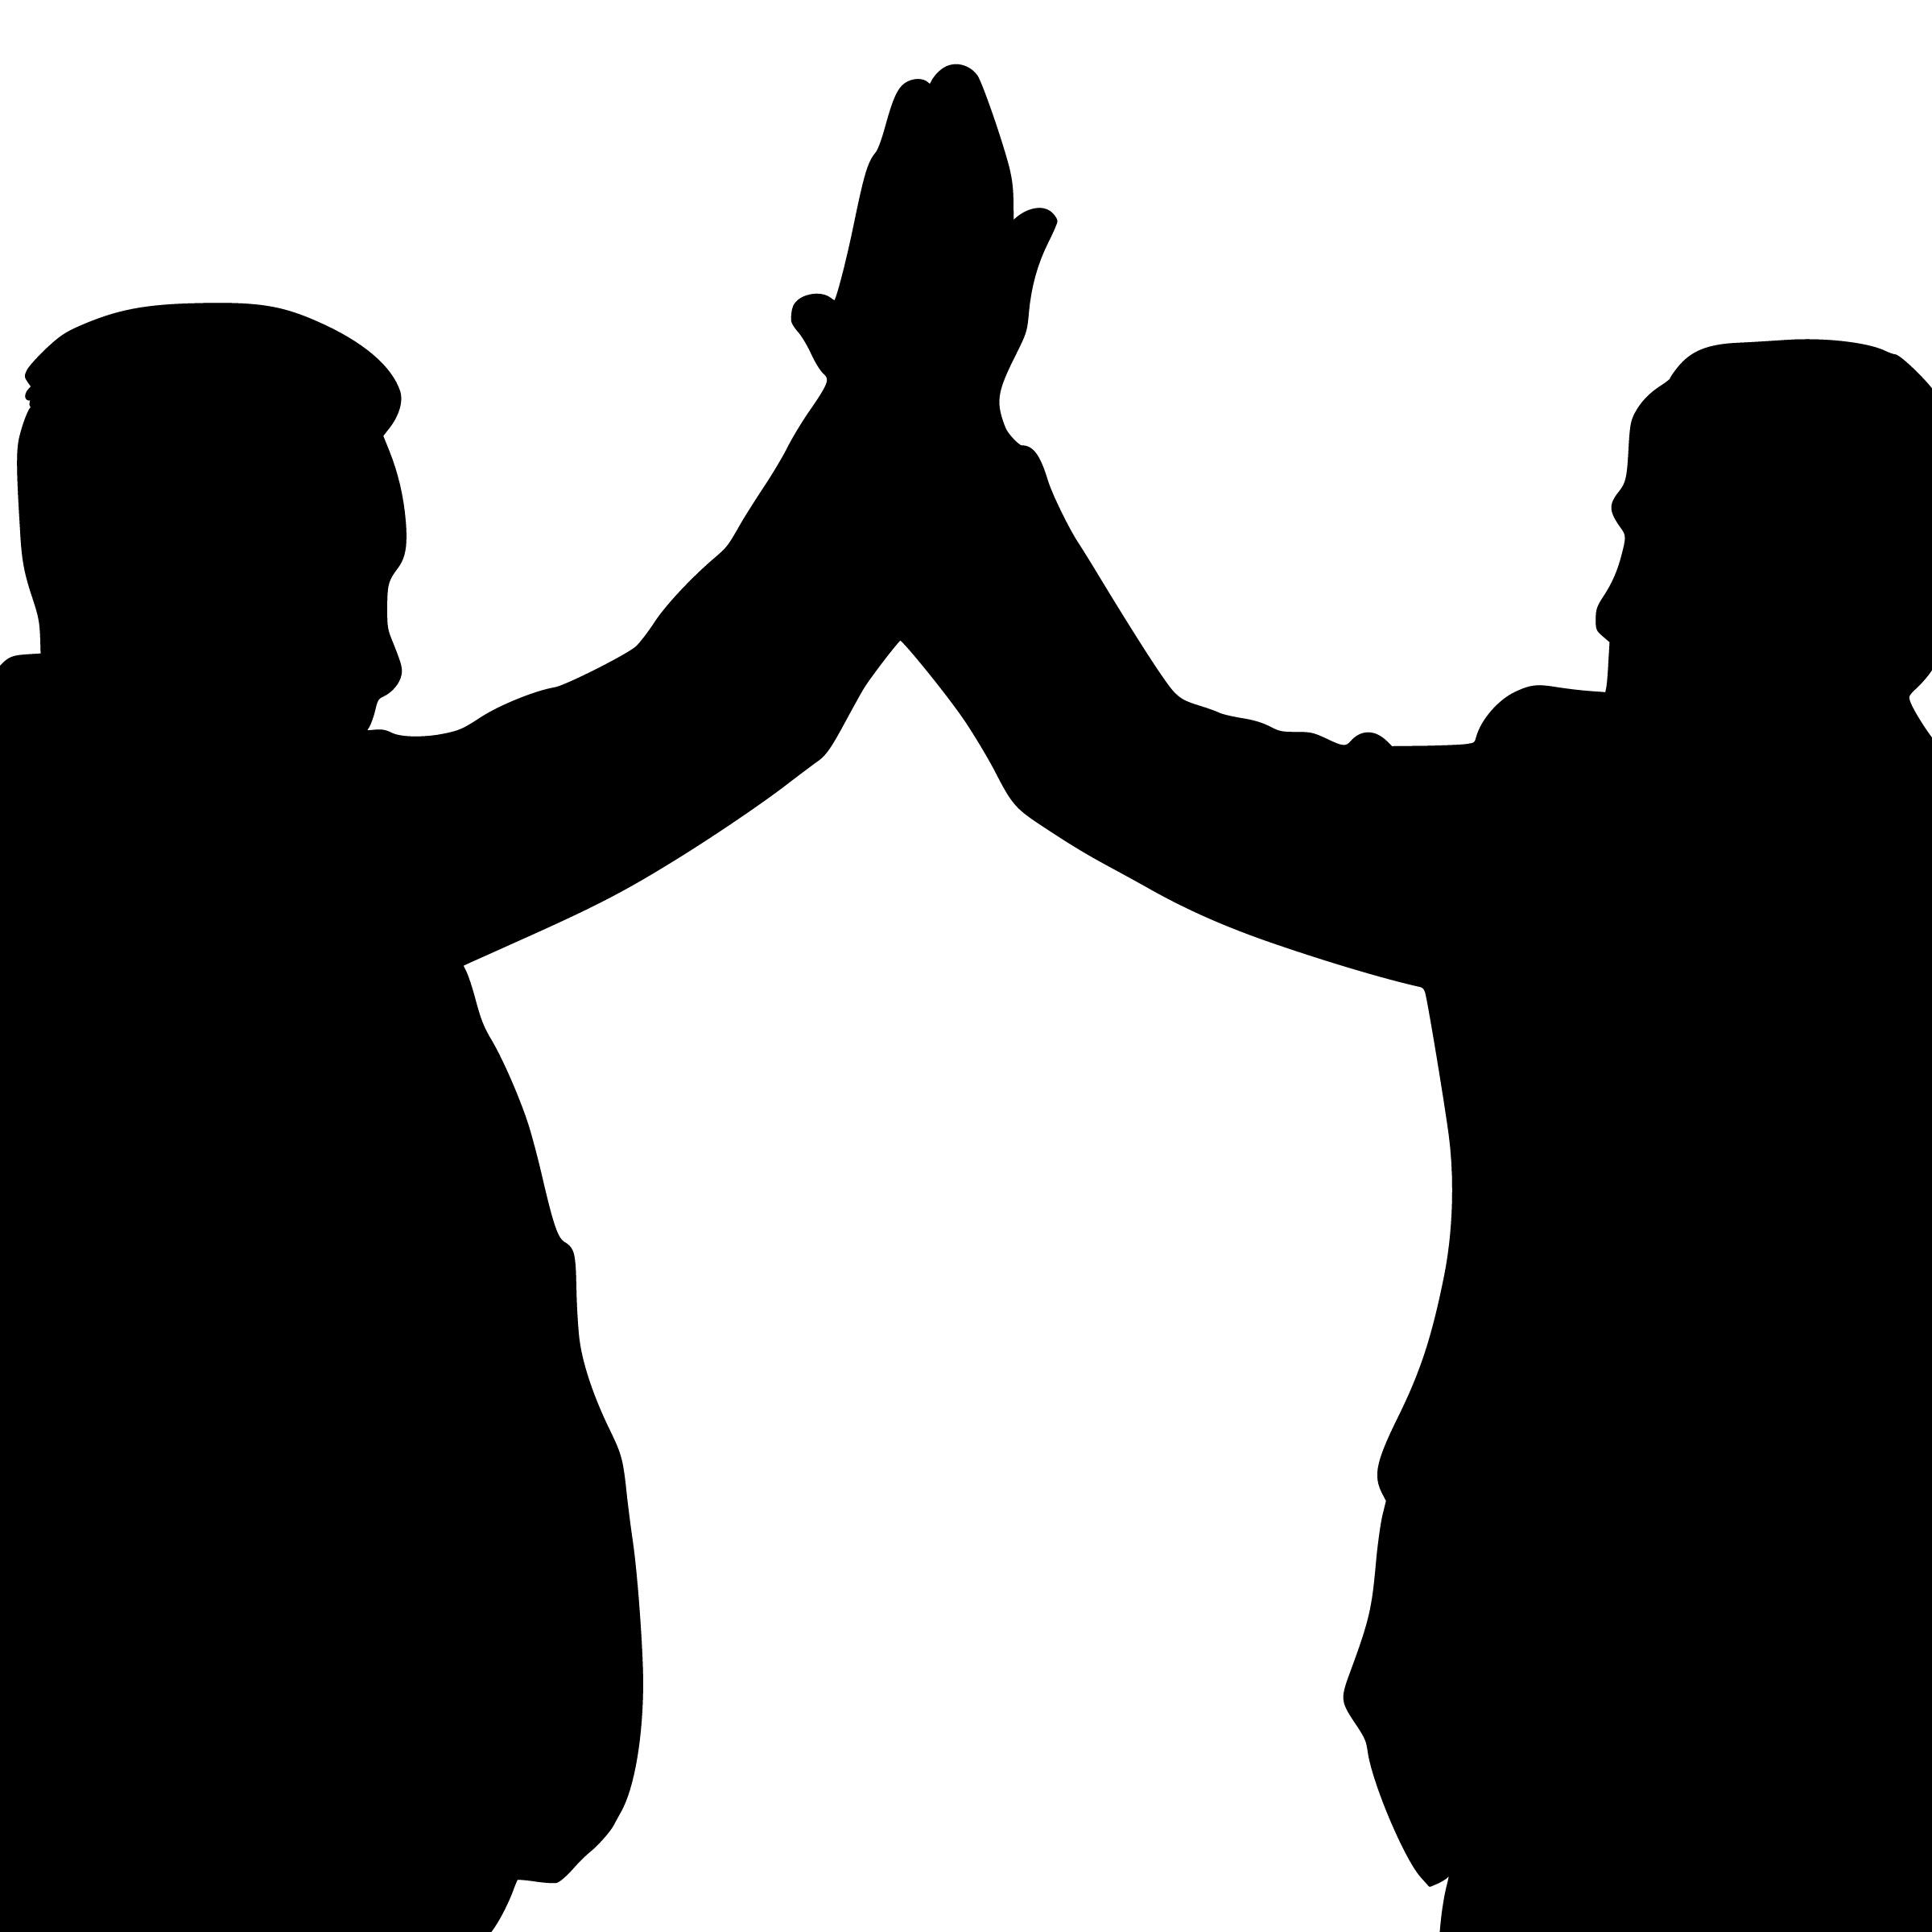 free images   silhouette  five  high  clap  fist  hand  hello  men  partner  dude  arm  friend